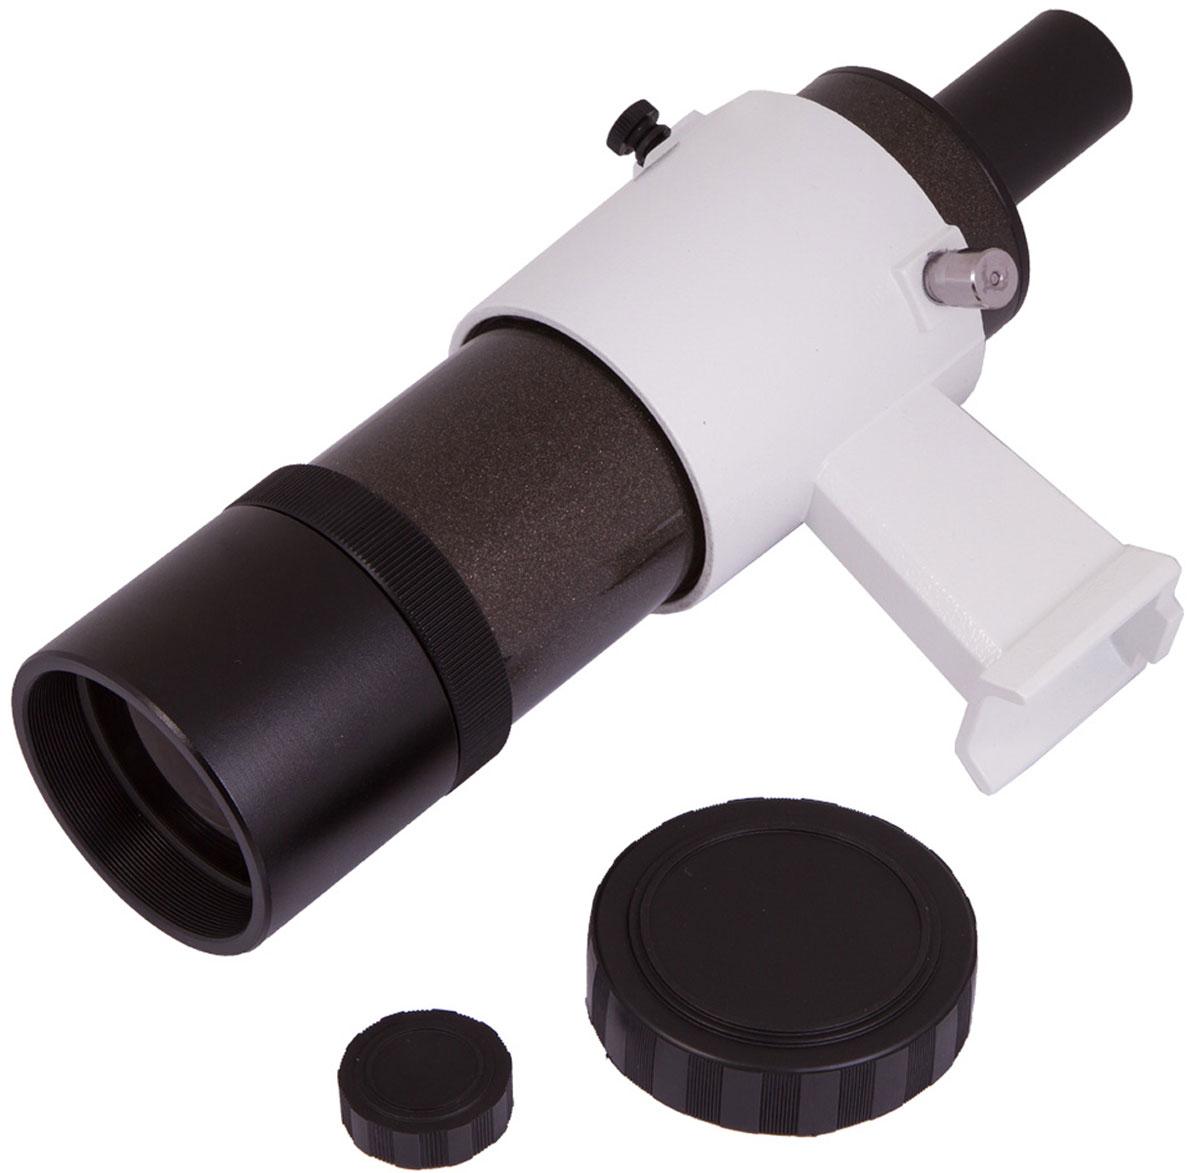 Sky-Watcher 68576 искатель оптический с креплением 8 x 5068576Ахроматический искатель Sky-Watcher 8 x 50 поможет найти интересующий вас объект в ночном небе. Качественная полностью просветленная оптика формирует яркое и чистое изображение. Искатель дает 8-кратное увеличение. Широкое поле зрения позволяет охватить взглядом большое пространство.Эта модель поставляется с держателем, при помощи которого можно легко выровнять трубку искателя относительно телескопа.